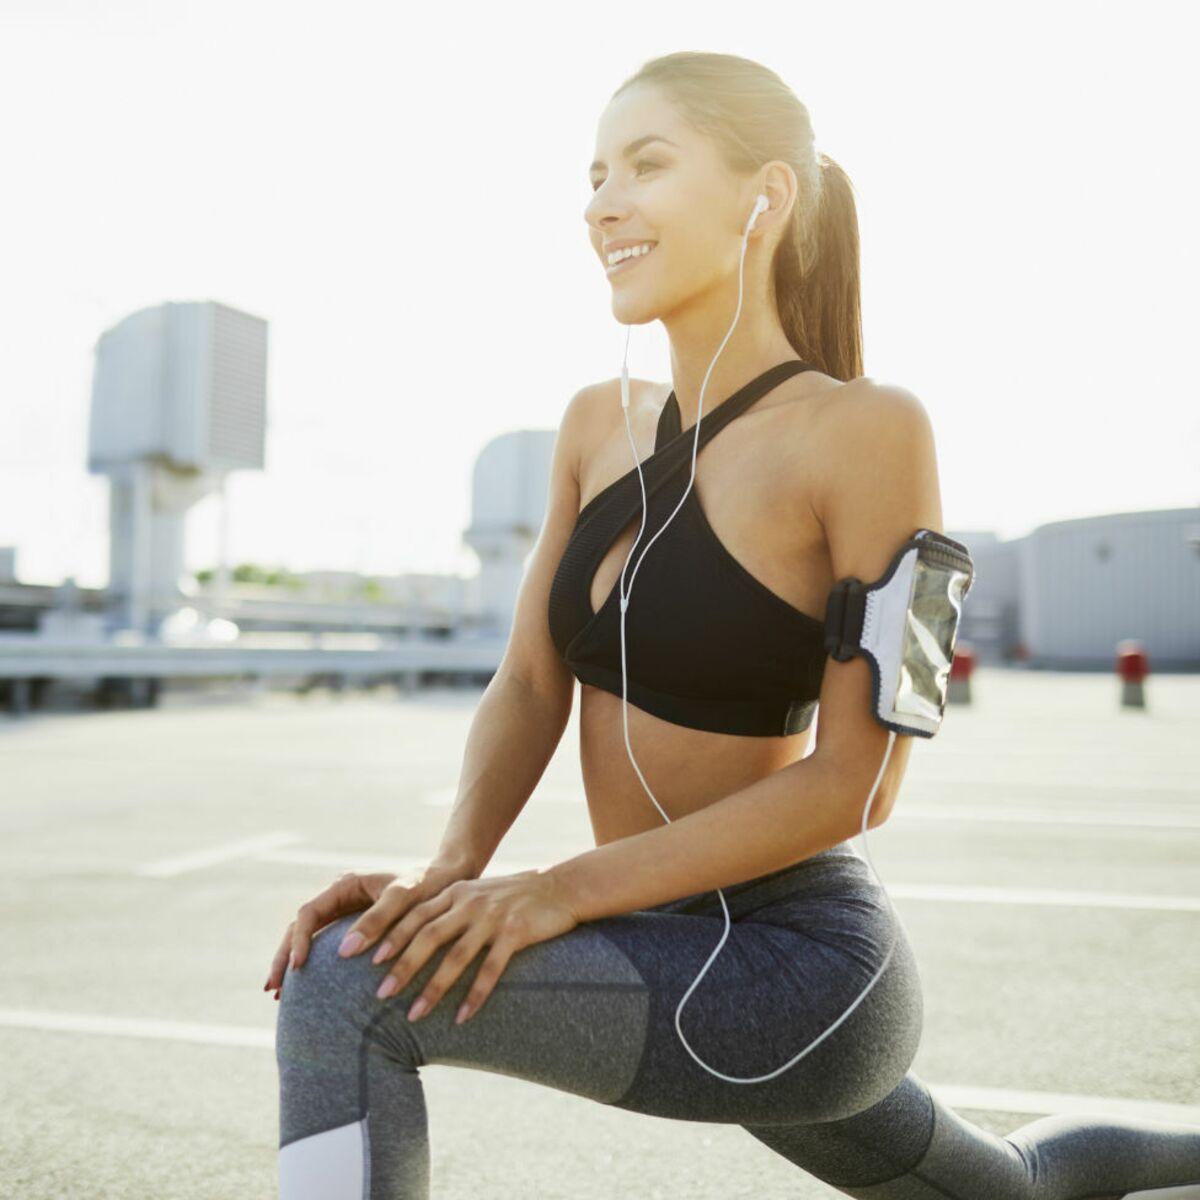 perdre du poids lentement prendre du poids rapidement perdre du poids 10 kg en 10 jours